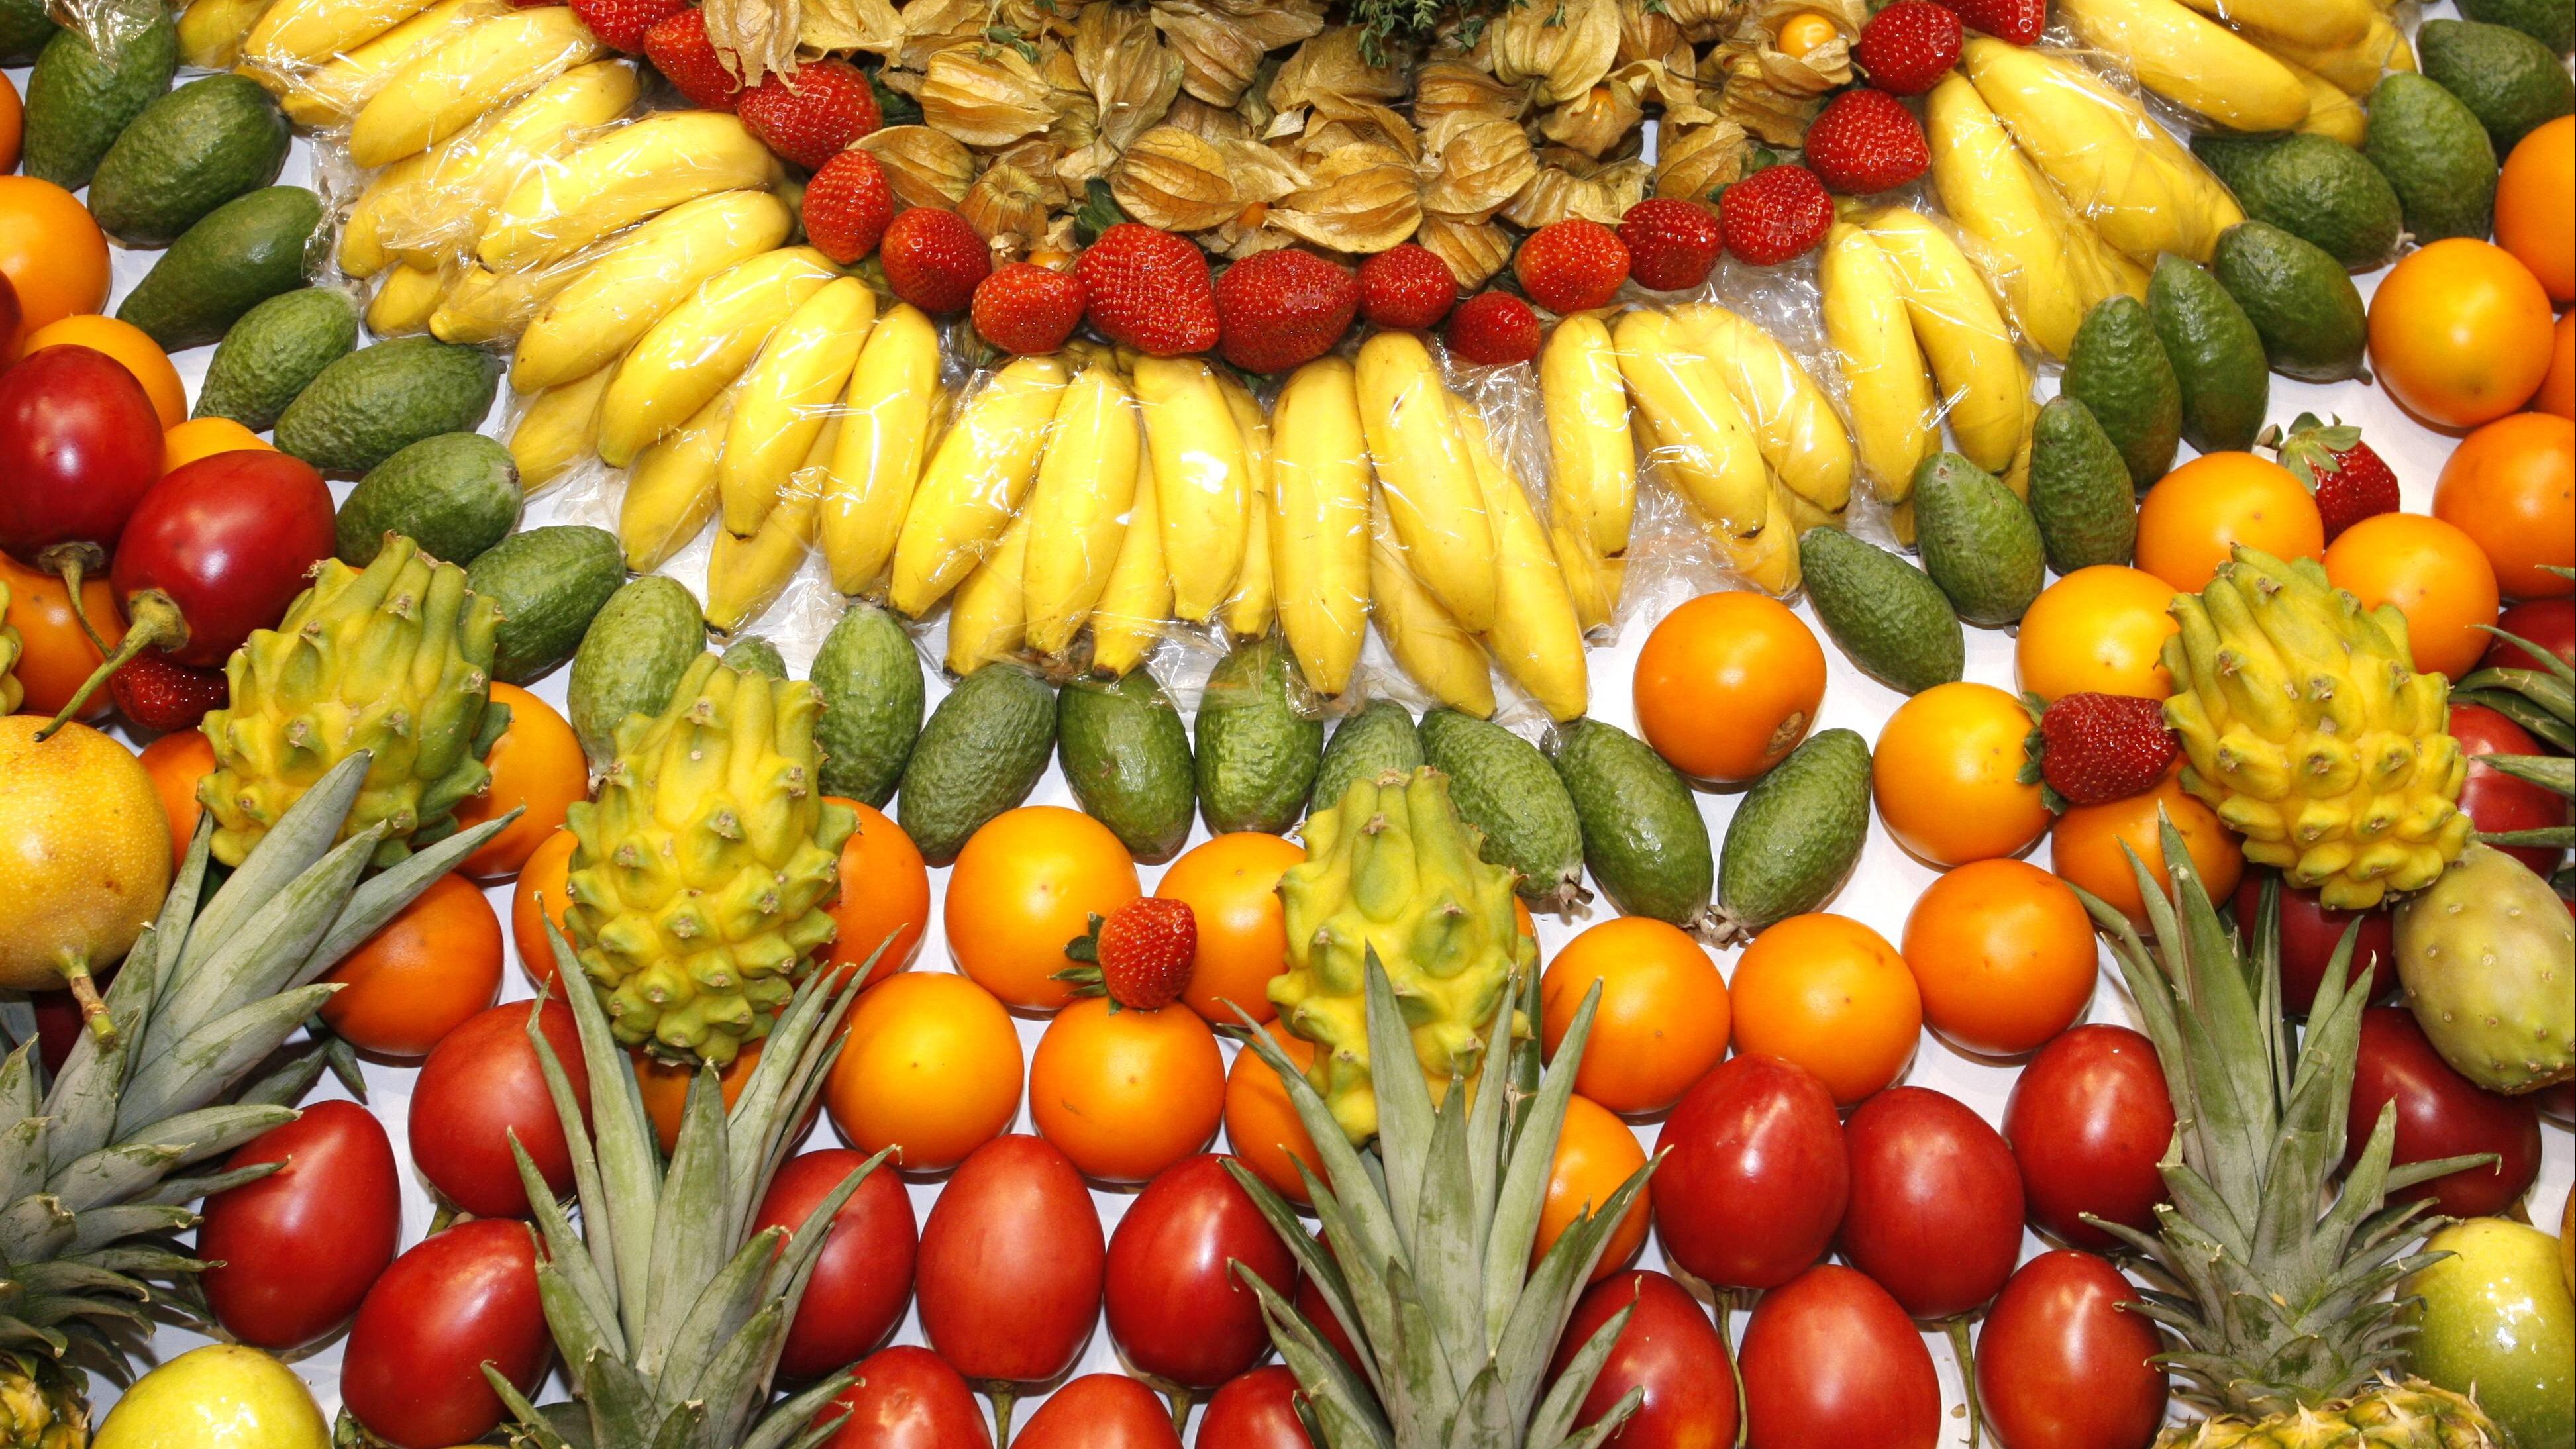 Blutgruppe 0: Ernährung - worauf muss ich achten?